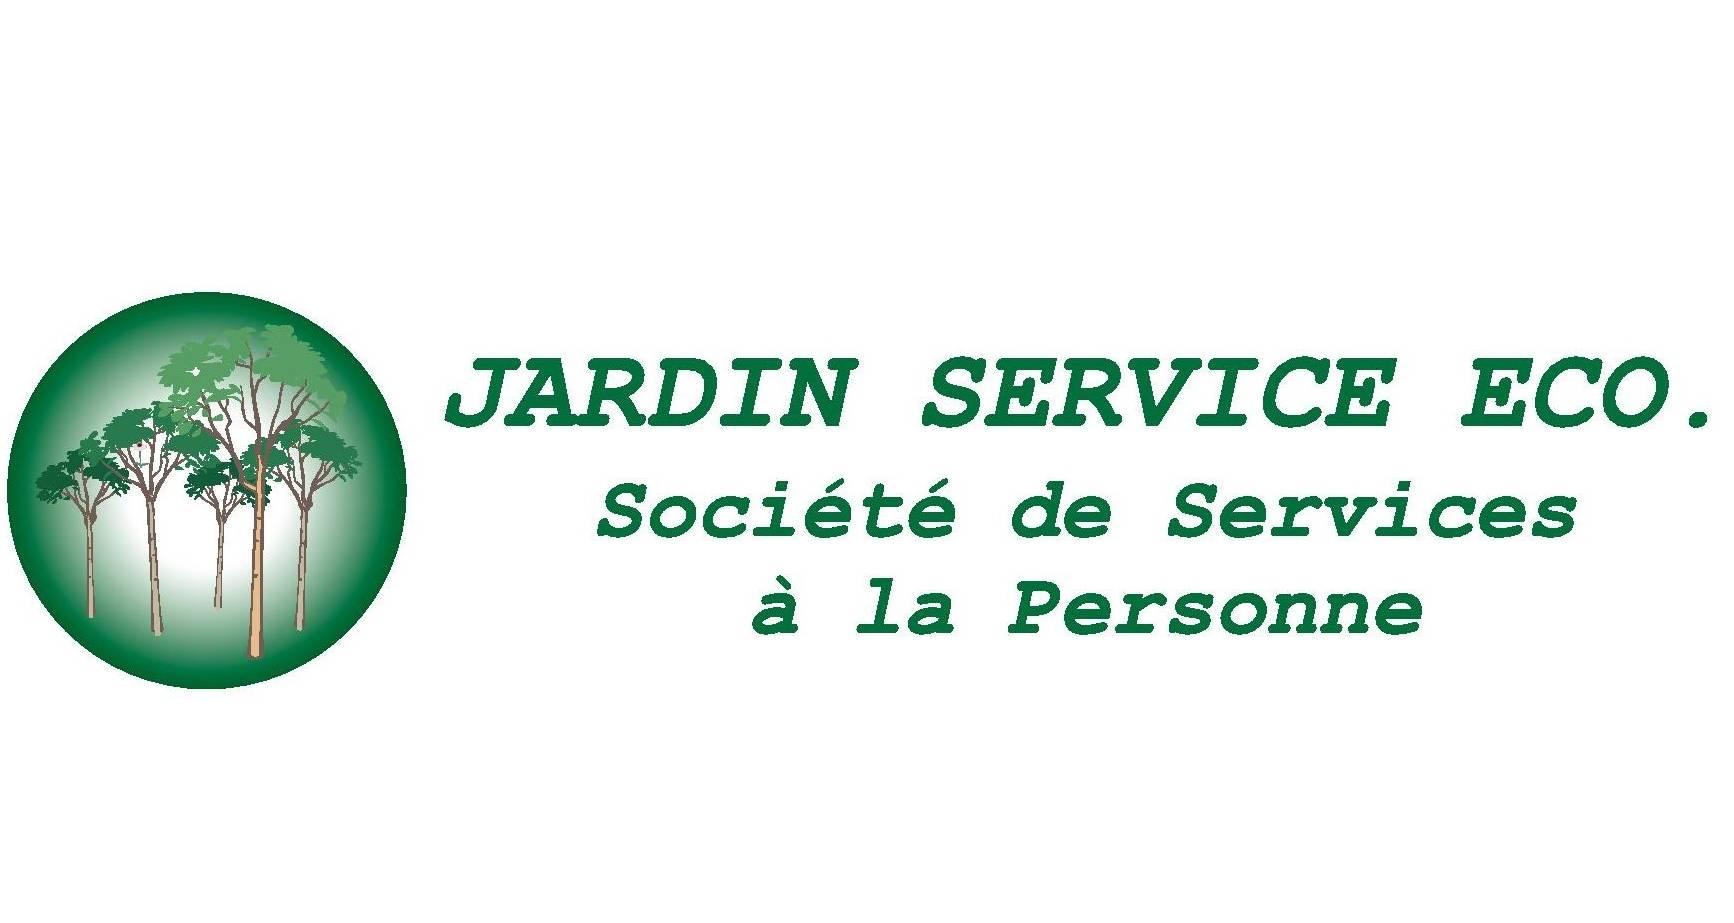 Jardin service eco entretien de jardin pour les for Entretien jardin service a la personne